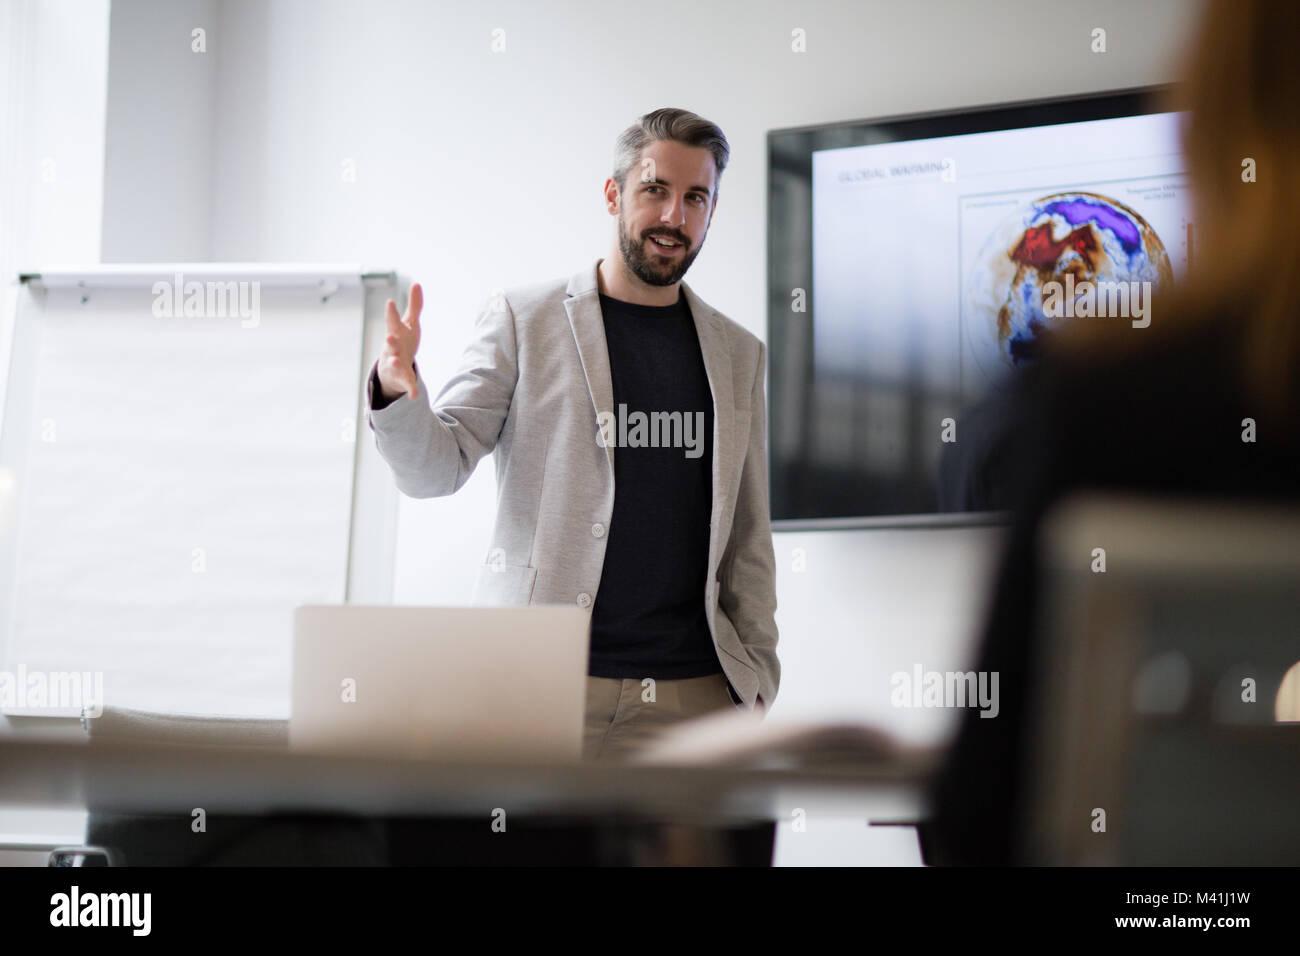 Maschio di business executive dando una presentazione Immagini Stock